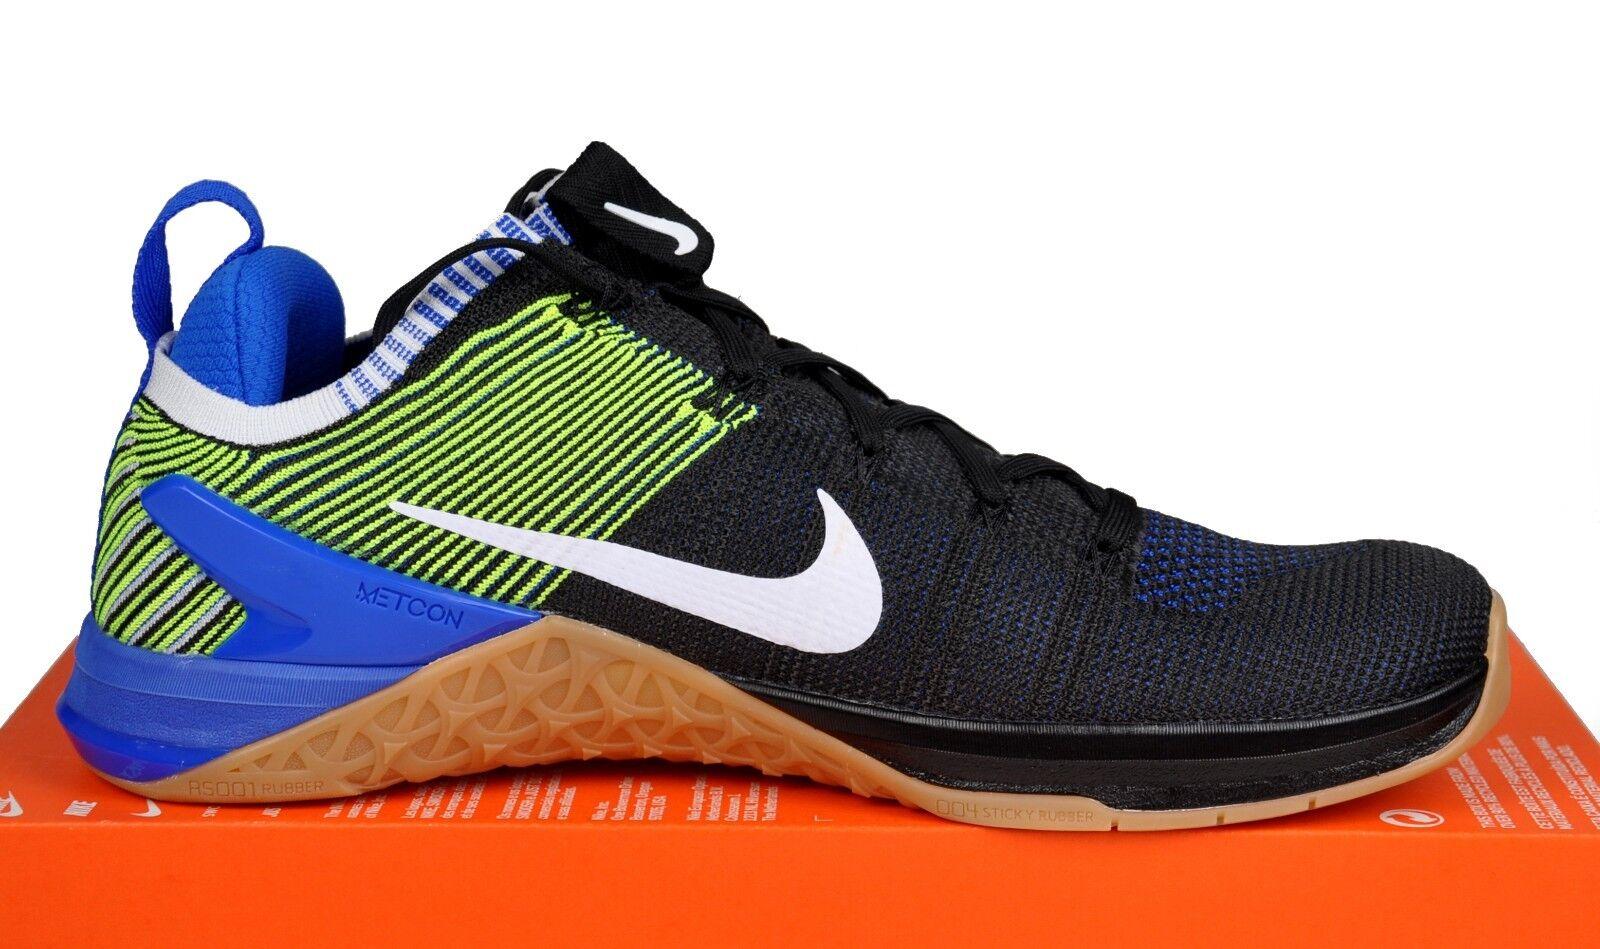 Nike metcon dsx flyknit 2 cross - 924423-006 training schwarz - blau 924423-006 - männer größe 11, 14. 3aec09